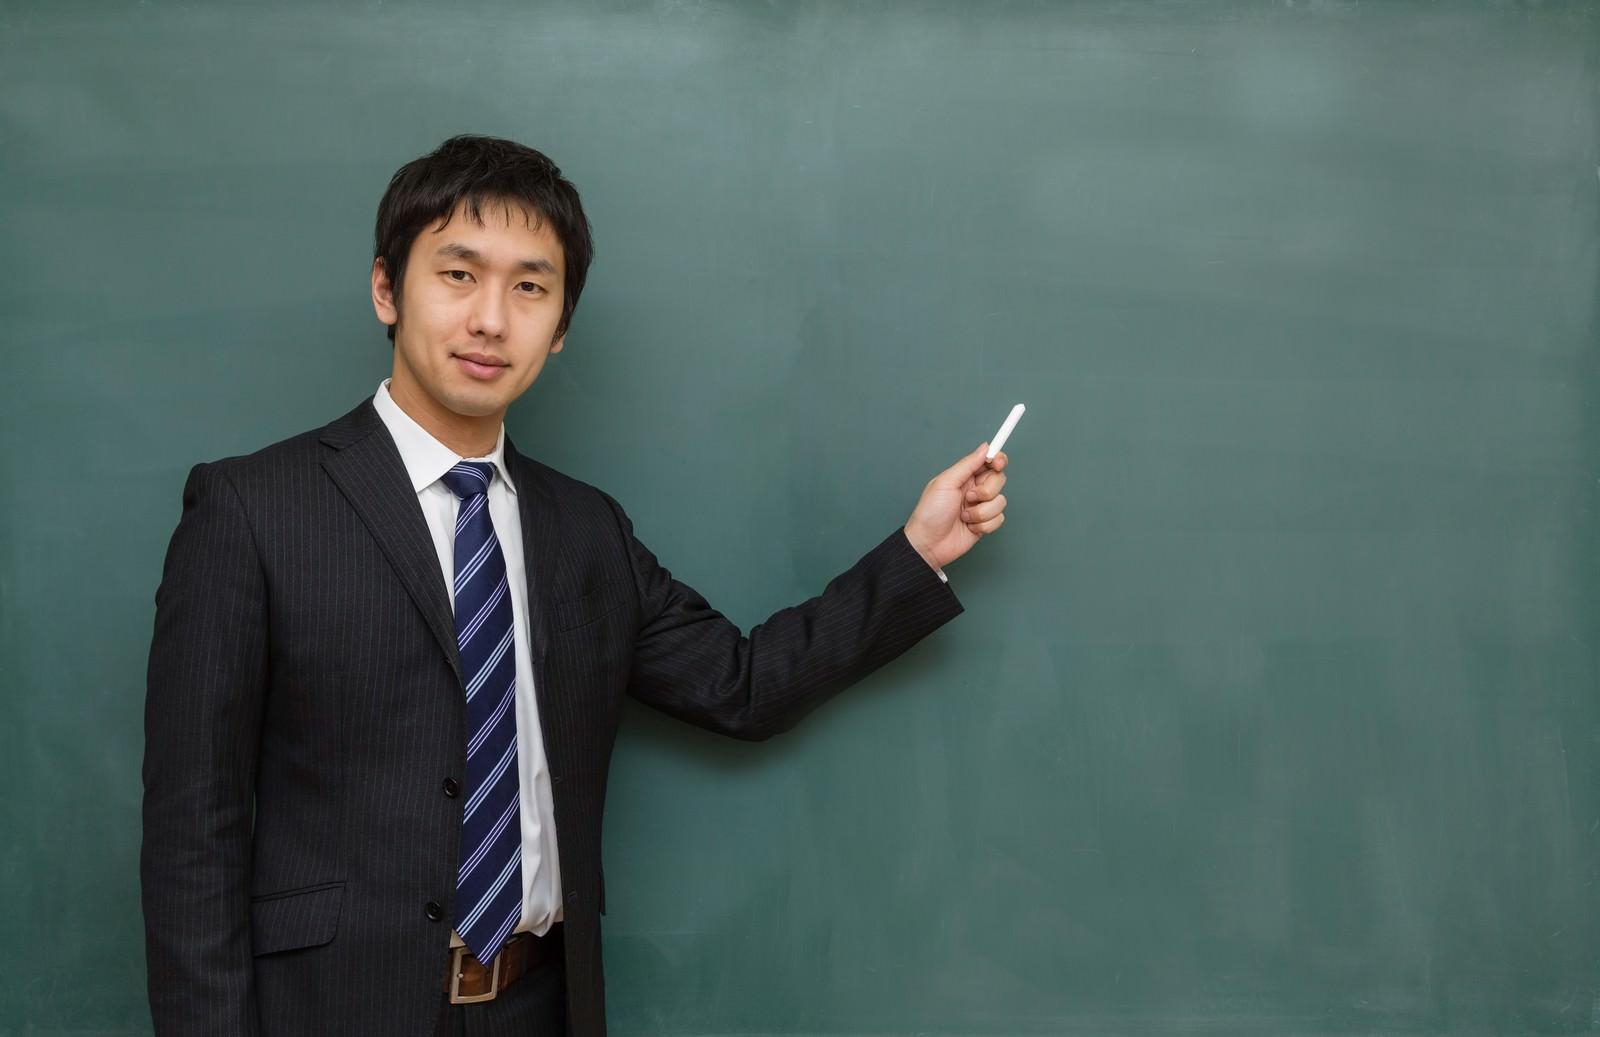 「「ここすごくテストに出るよ!」的に解説する塾の講師」の写真